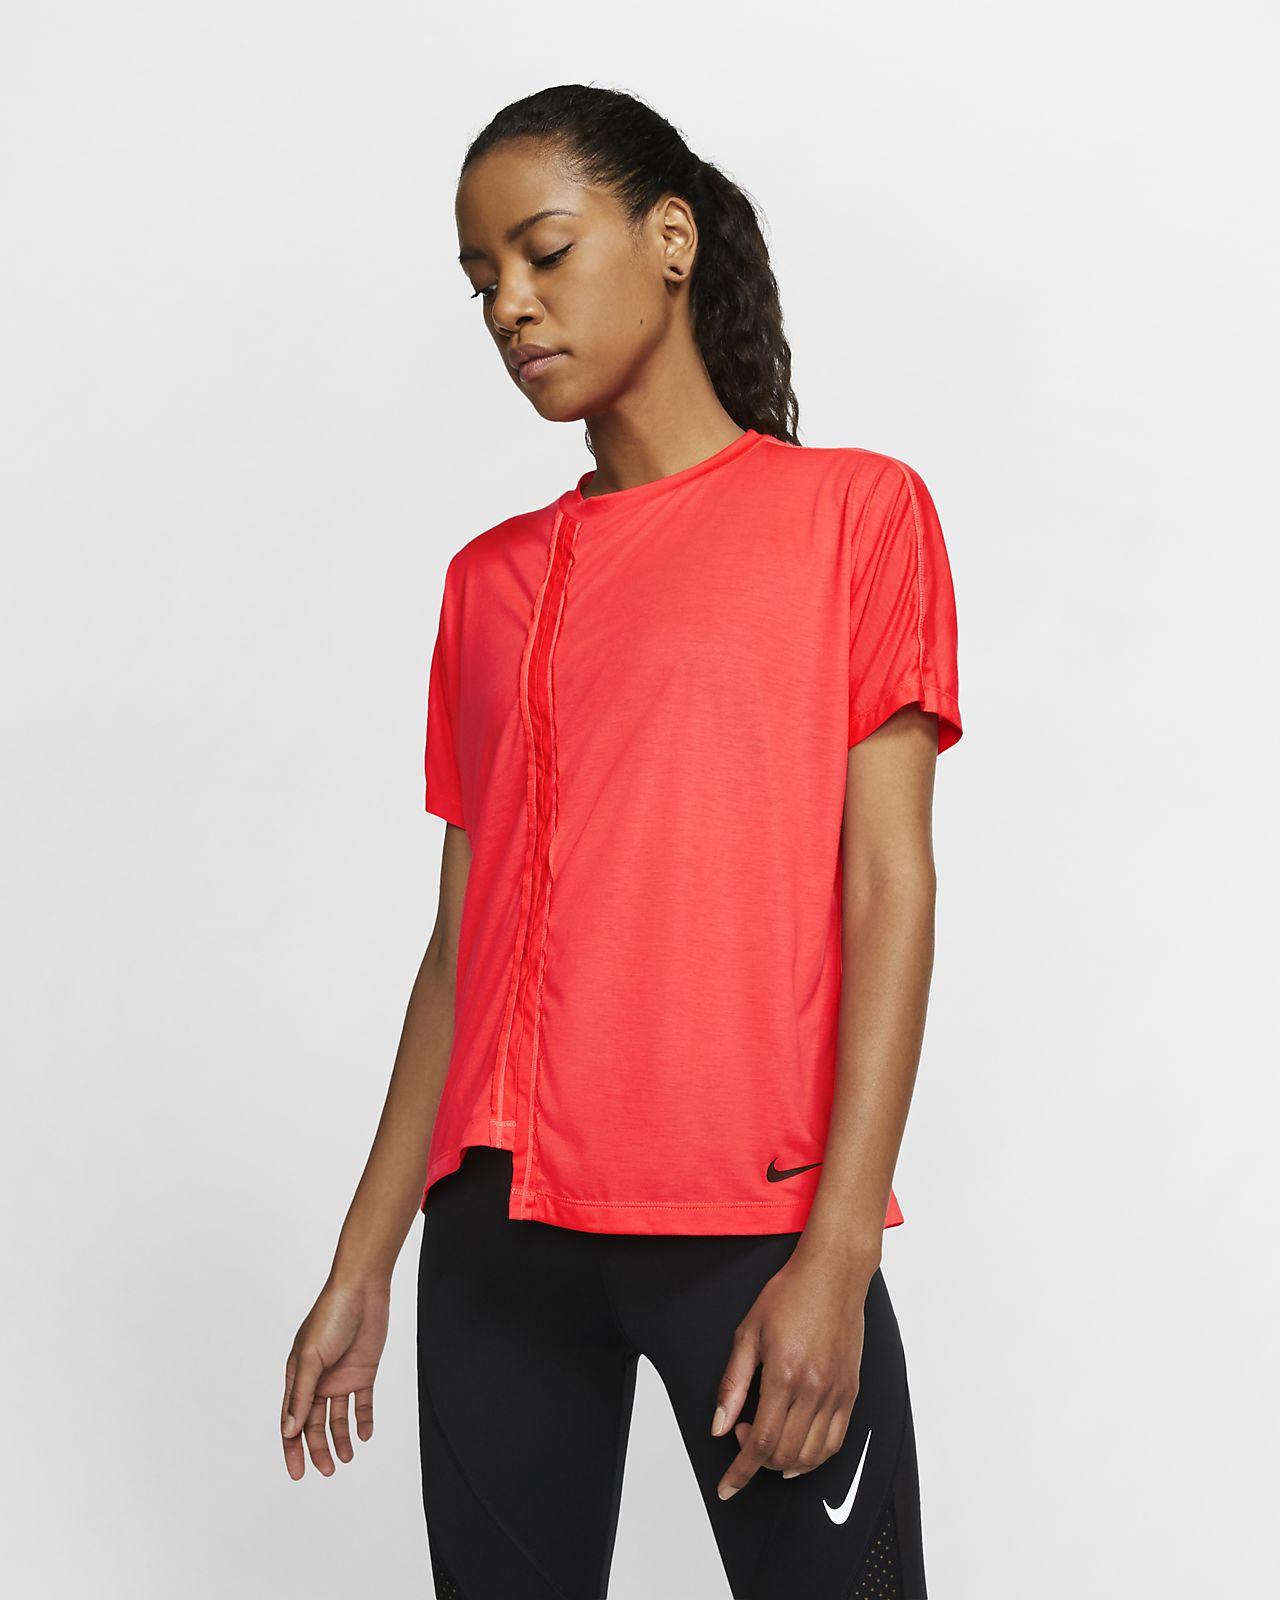 Γυναικεία κοντομάνικη μπλούζα για τρέξιμο Nike